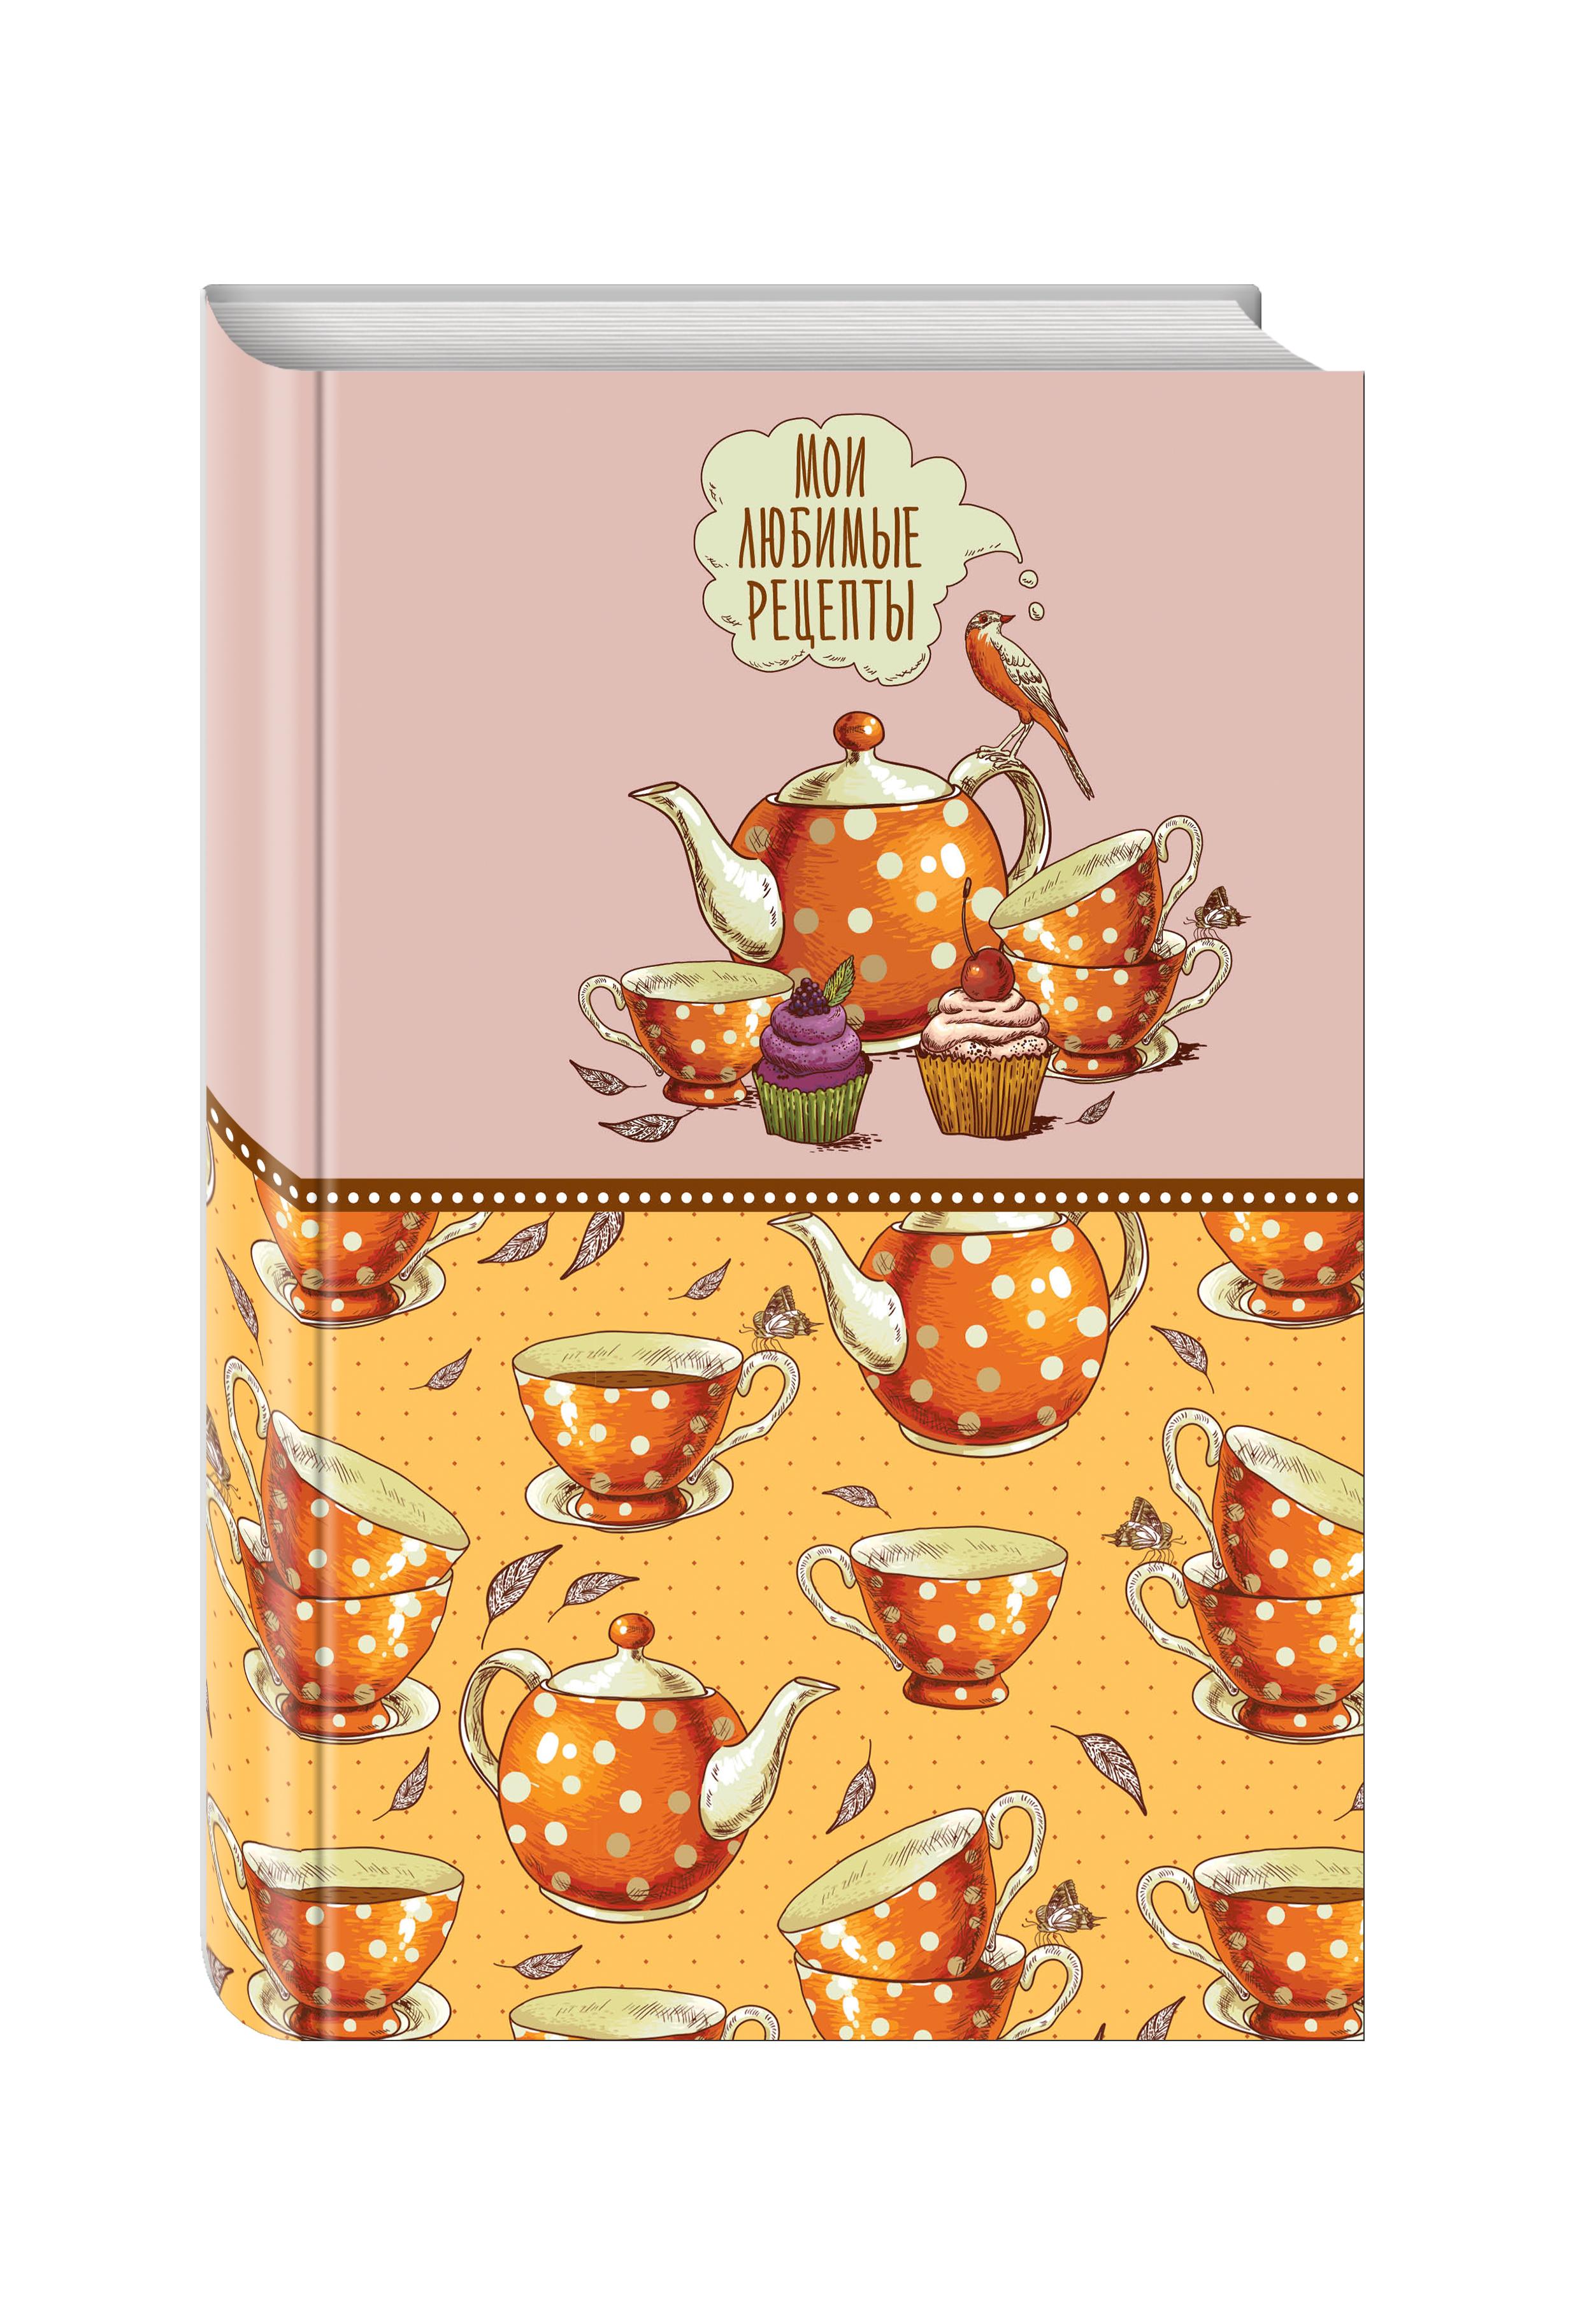 Мои любимые рецепты. Книга для записи рецептов (а5_Оранжевое чаепитие) книга рецептов